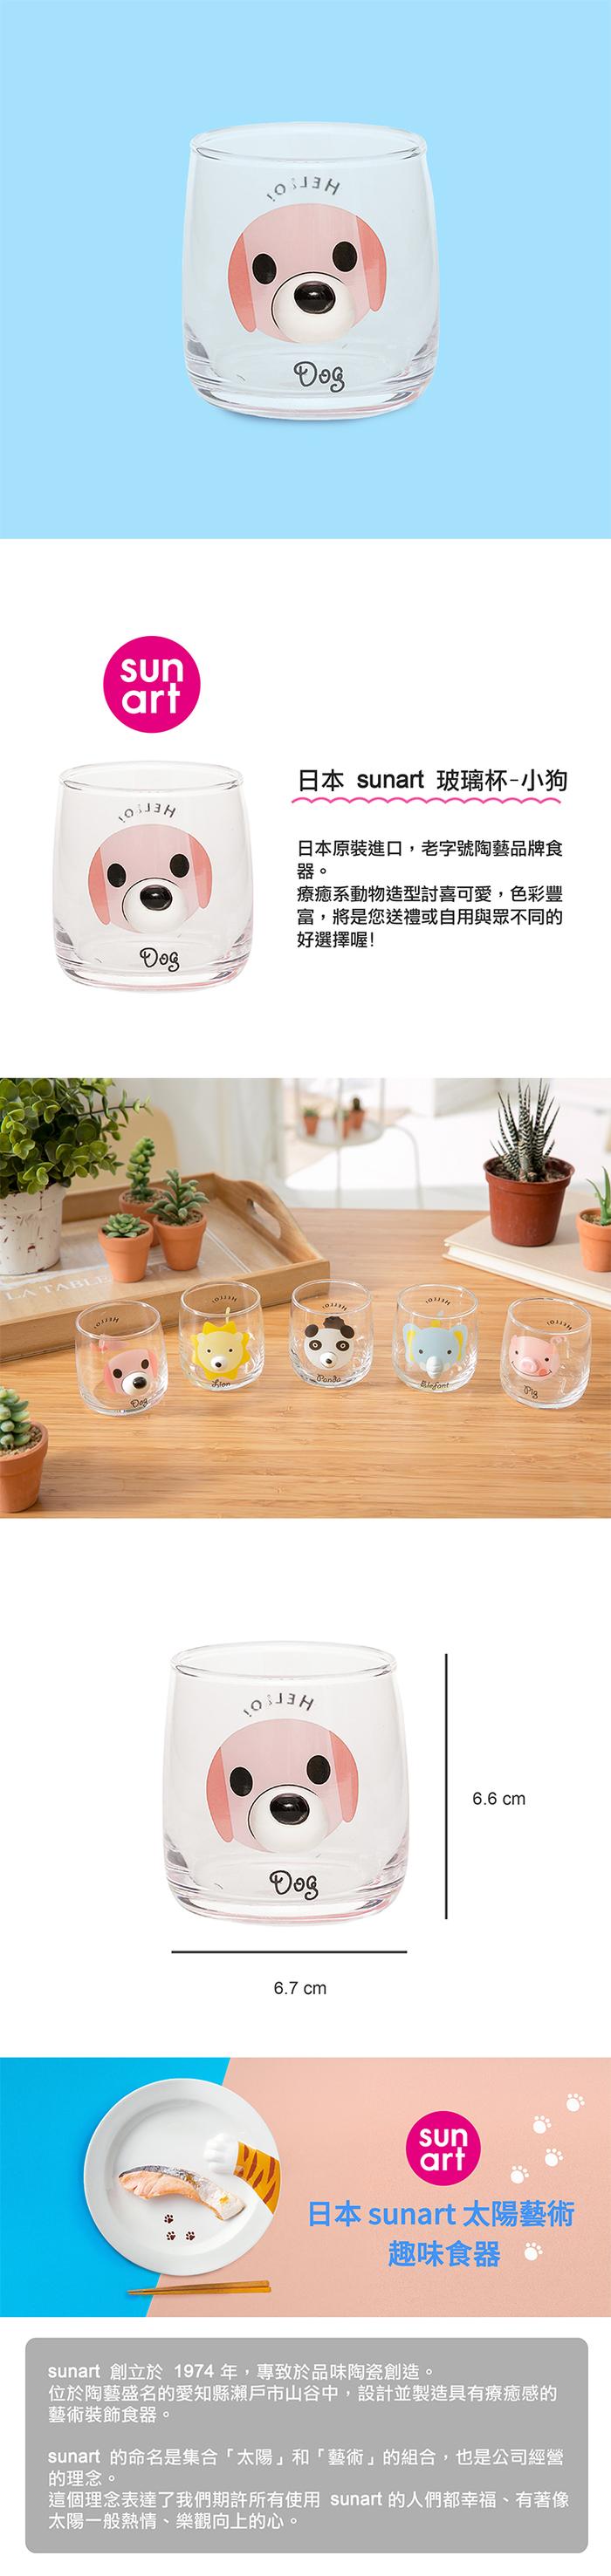 (複製)日本 sunart 玻璃杯 - 小豬